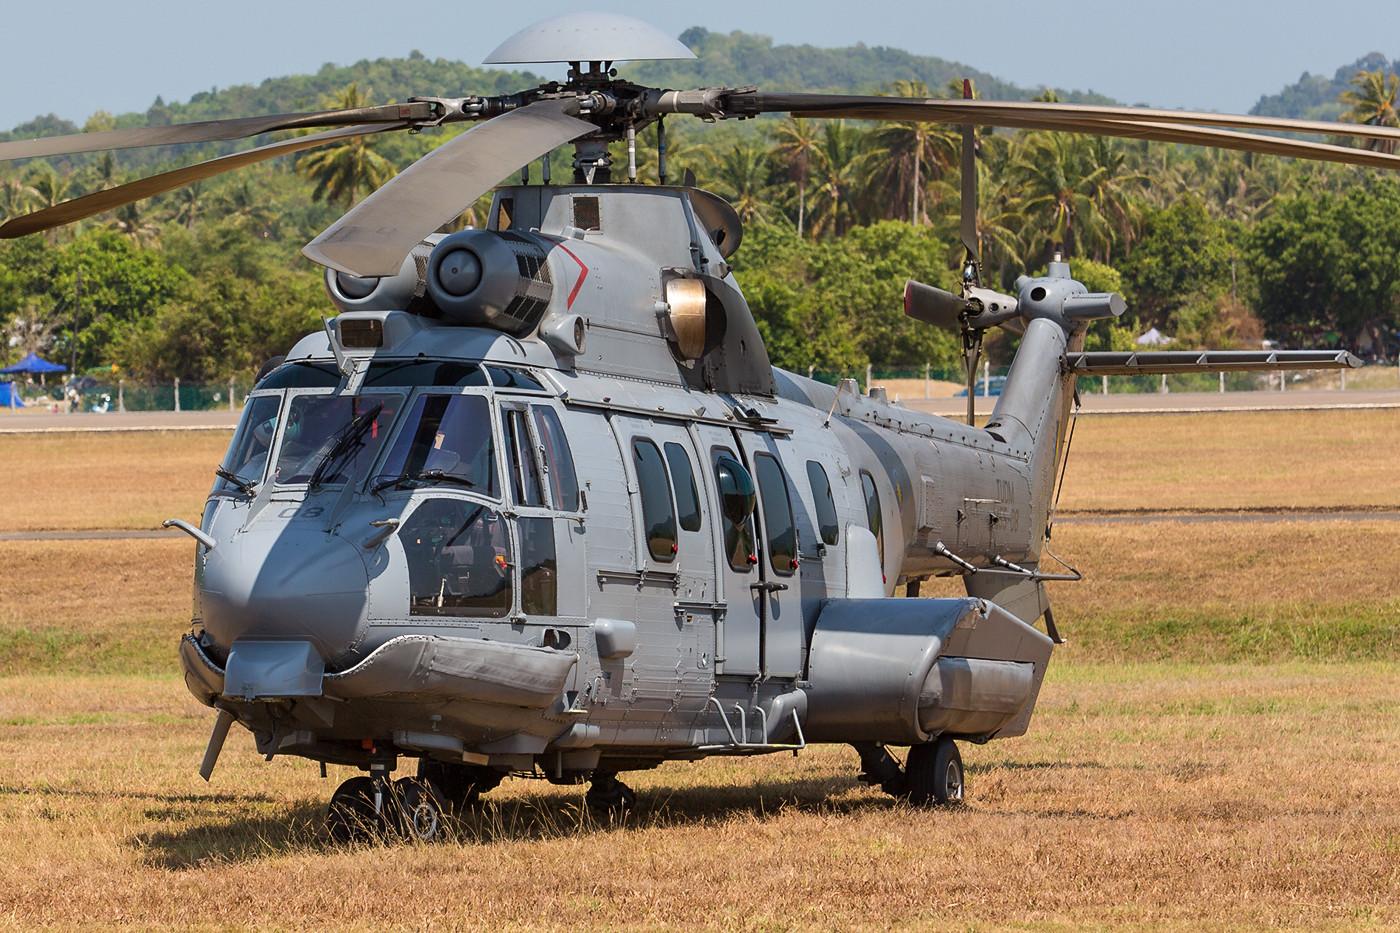 Die EC-725 Caracal sind derzeit der fortschrittlichste Hubschrauber von Airbus Military and Defence und wie die MB-339 in Kuantan stationiert.